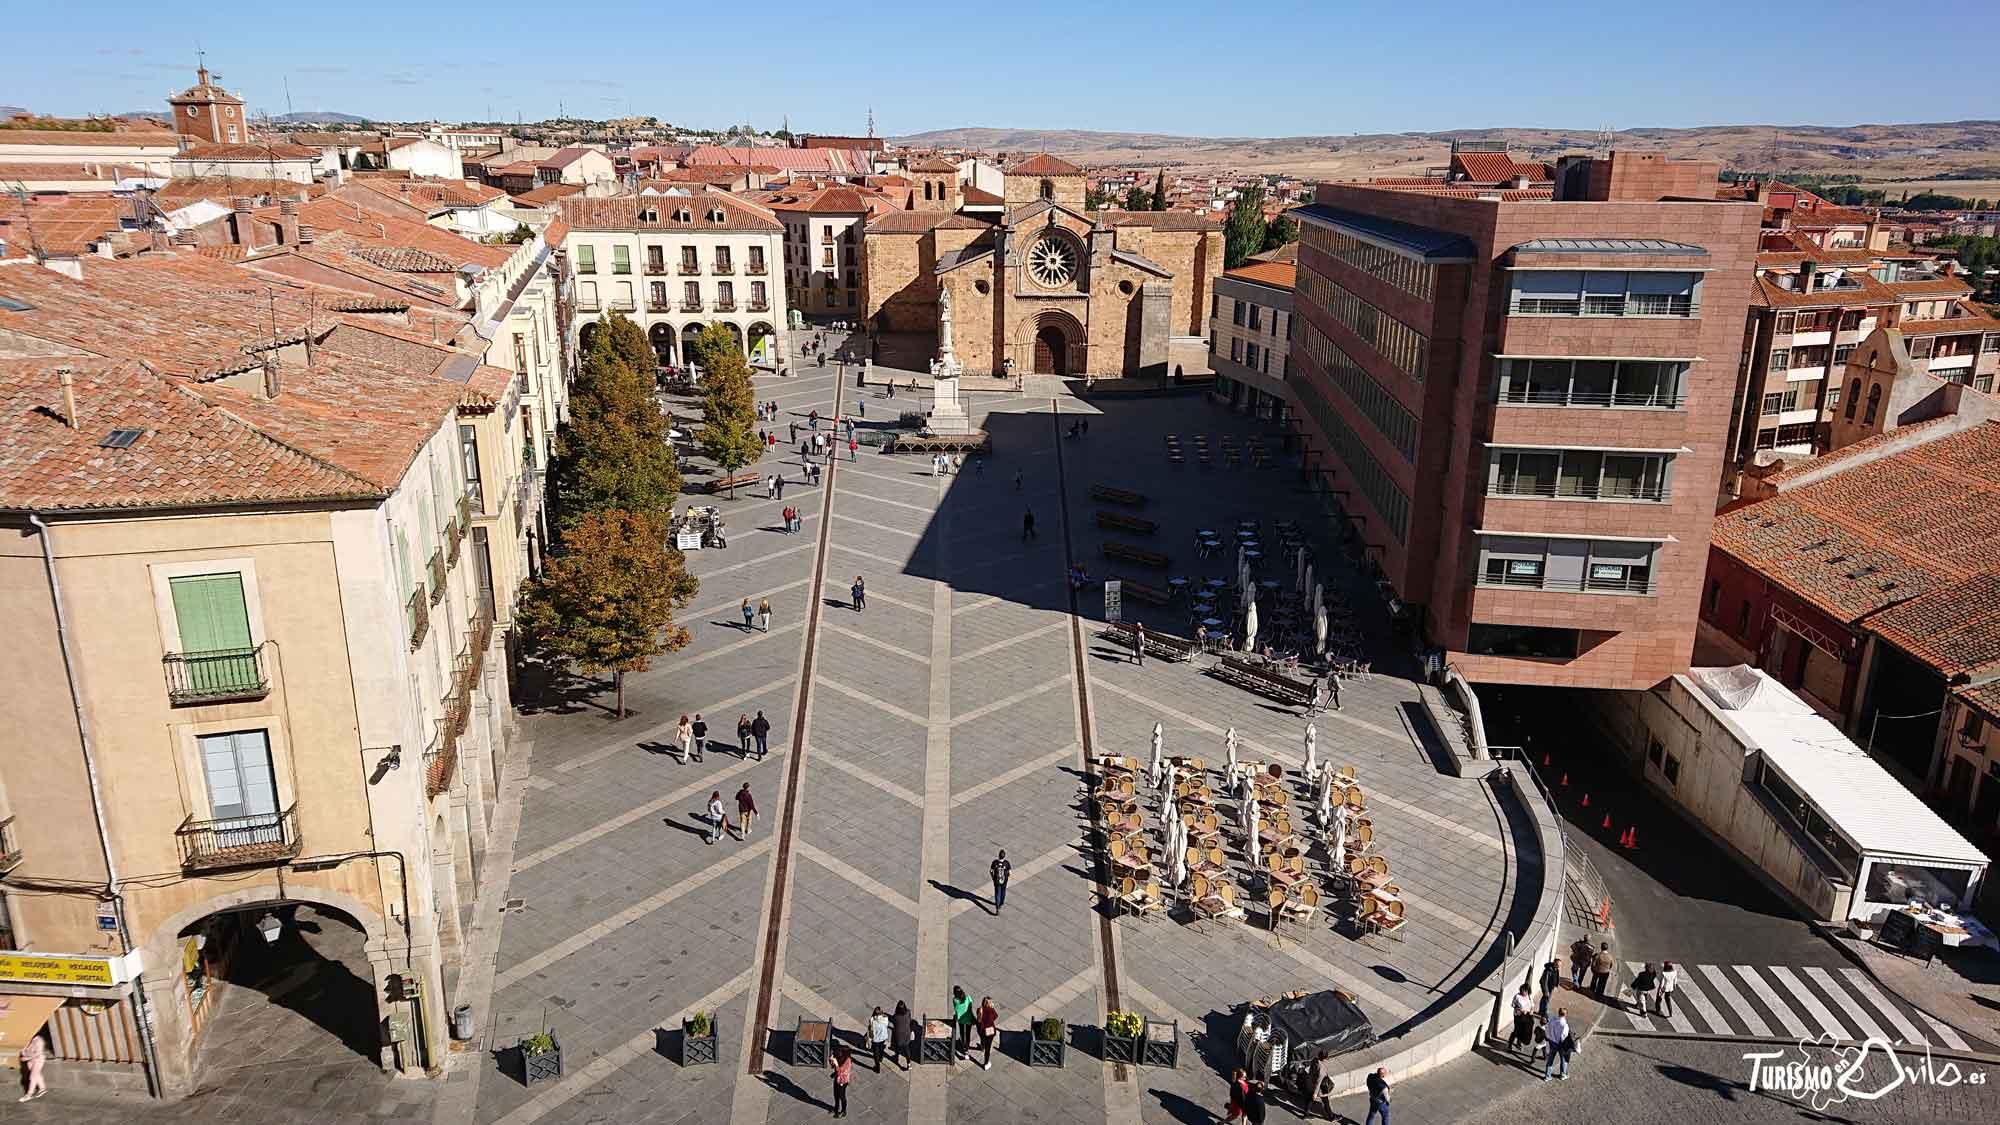 Qué ver en Ávila: Imagen de la Plaza de Santa Teresa (Mercado Grande o el Grande). Al fondo la iglesia de San Pedro.